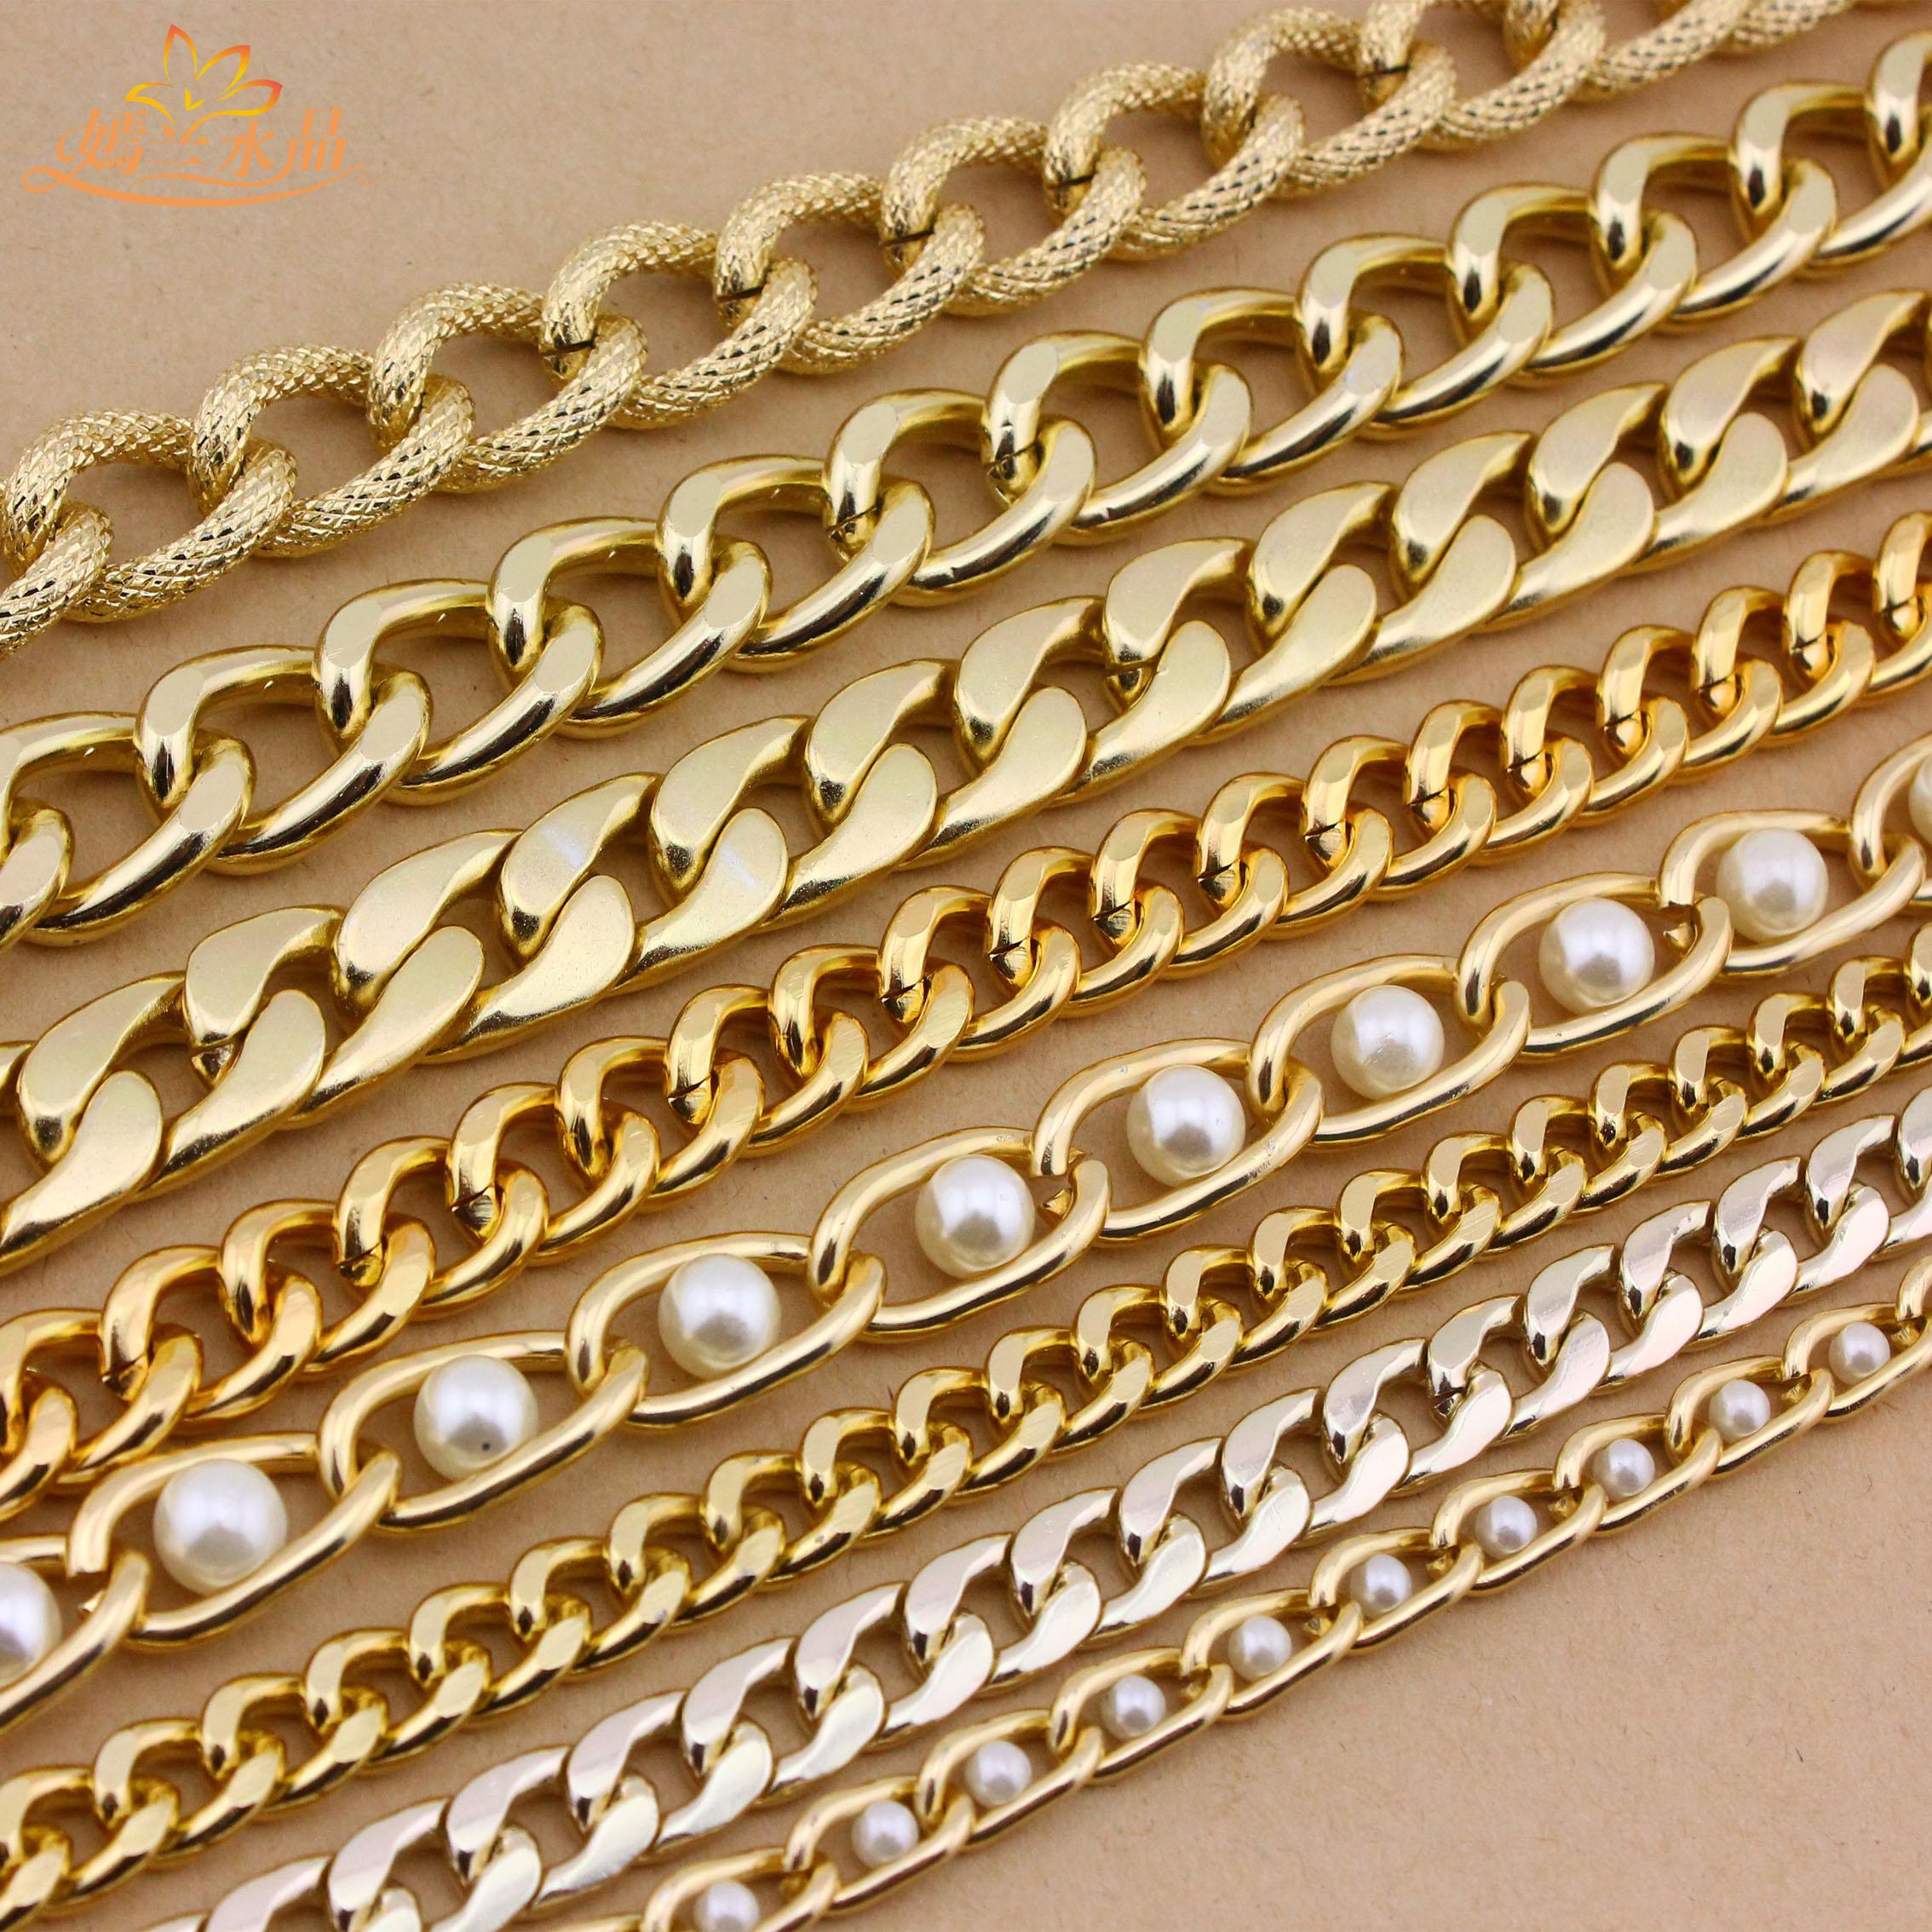 Ян LAN DIY аксессуары алюминиевого сплава цепи цепи цепи мешок цепочки Серебряные цепи украшения цепь шкафута